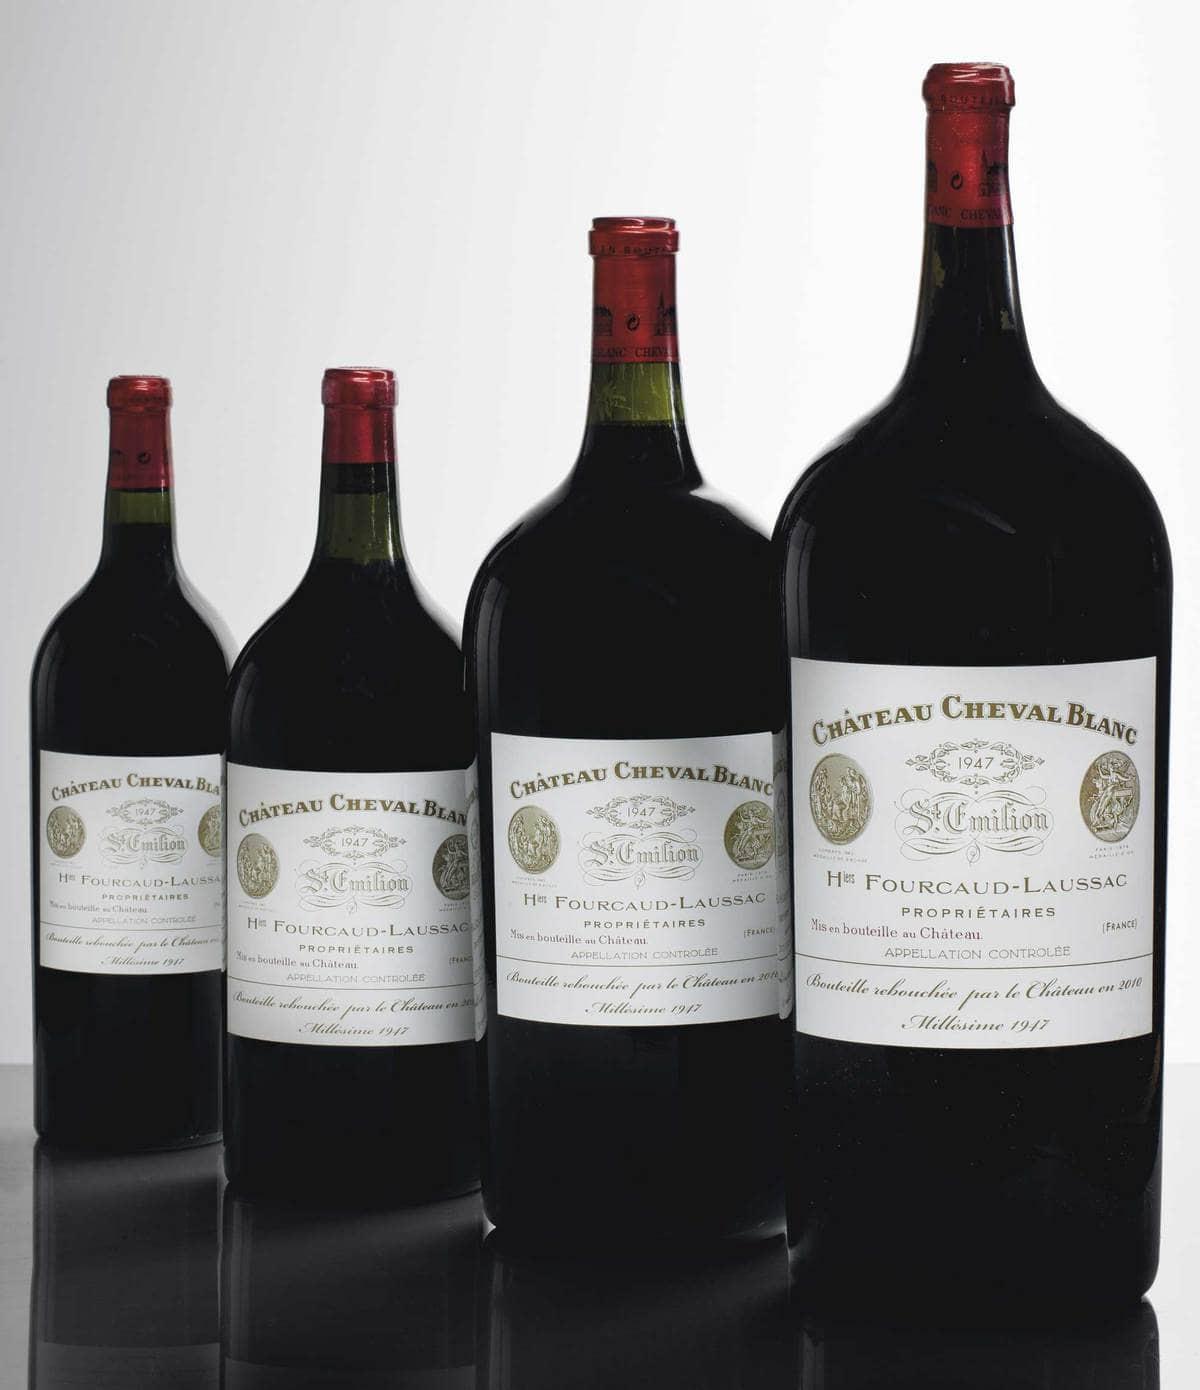 Самое дорогое вино в мире - топ 10 лучших марок